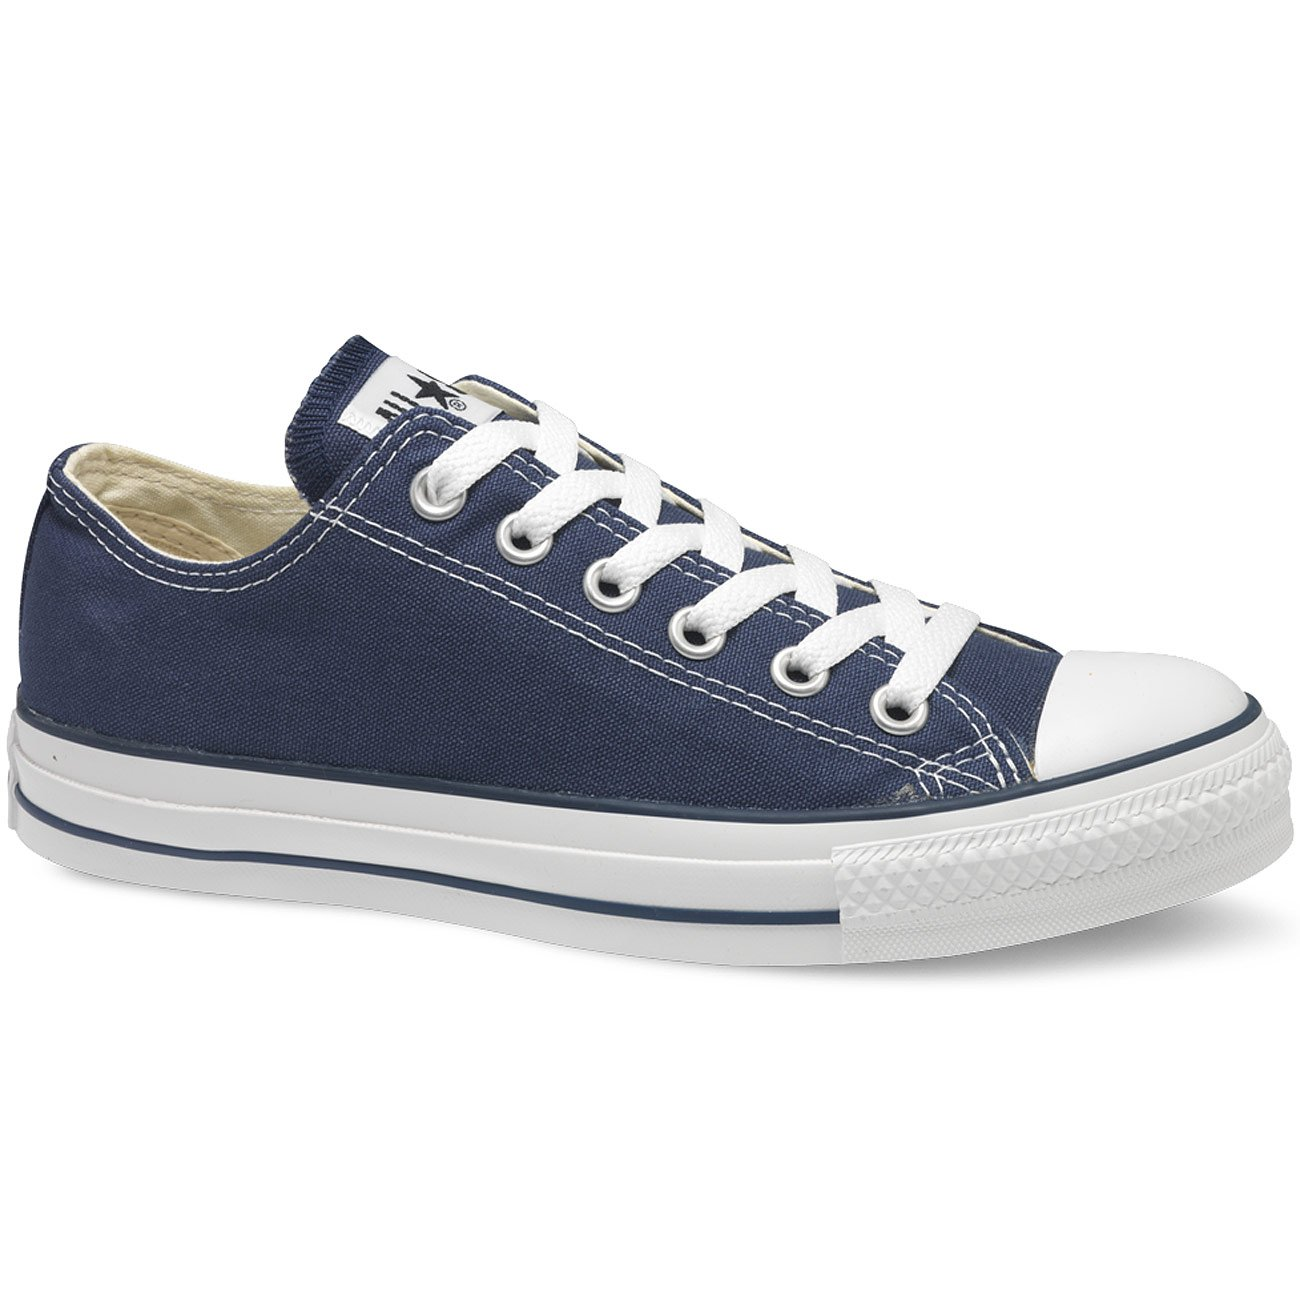 Converse Sneakers Chuck Taylor All Star M9697, Unisex-Erwachsene Sneakers  36|Navy Blau